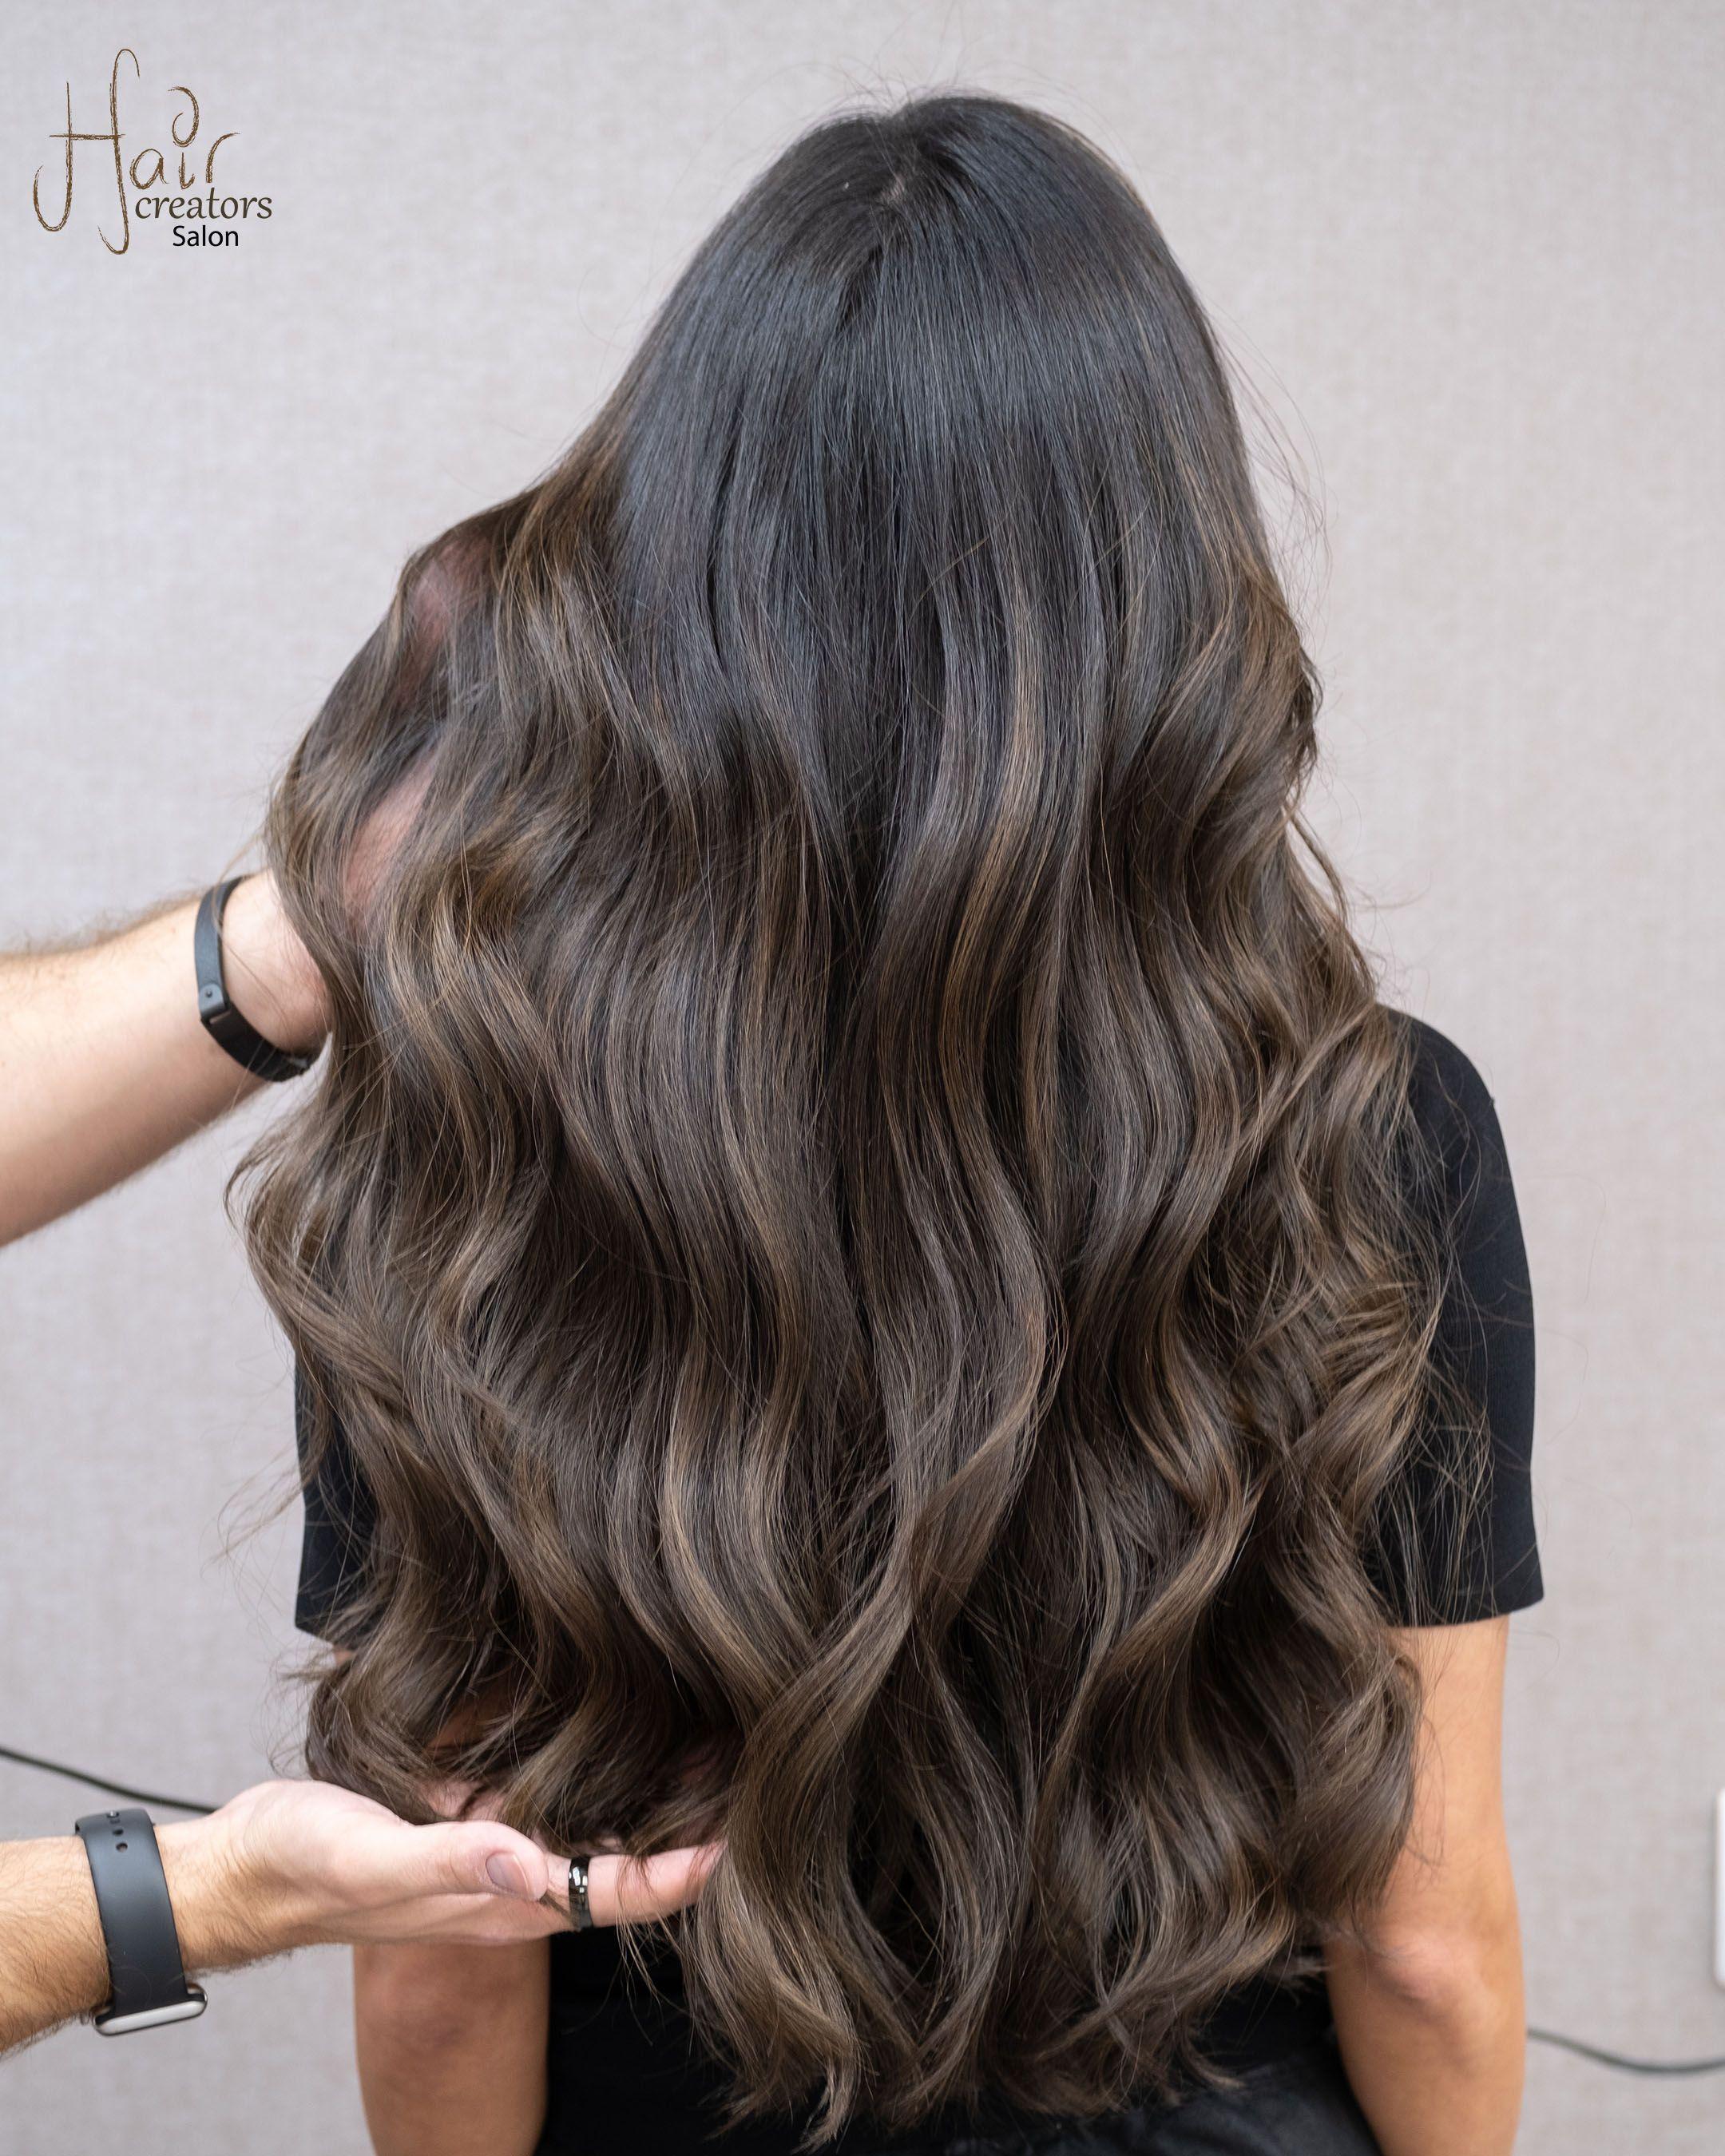 15+ Medium chestnut brown hair color ideas